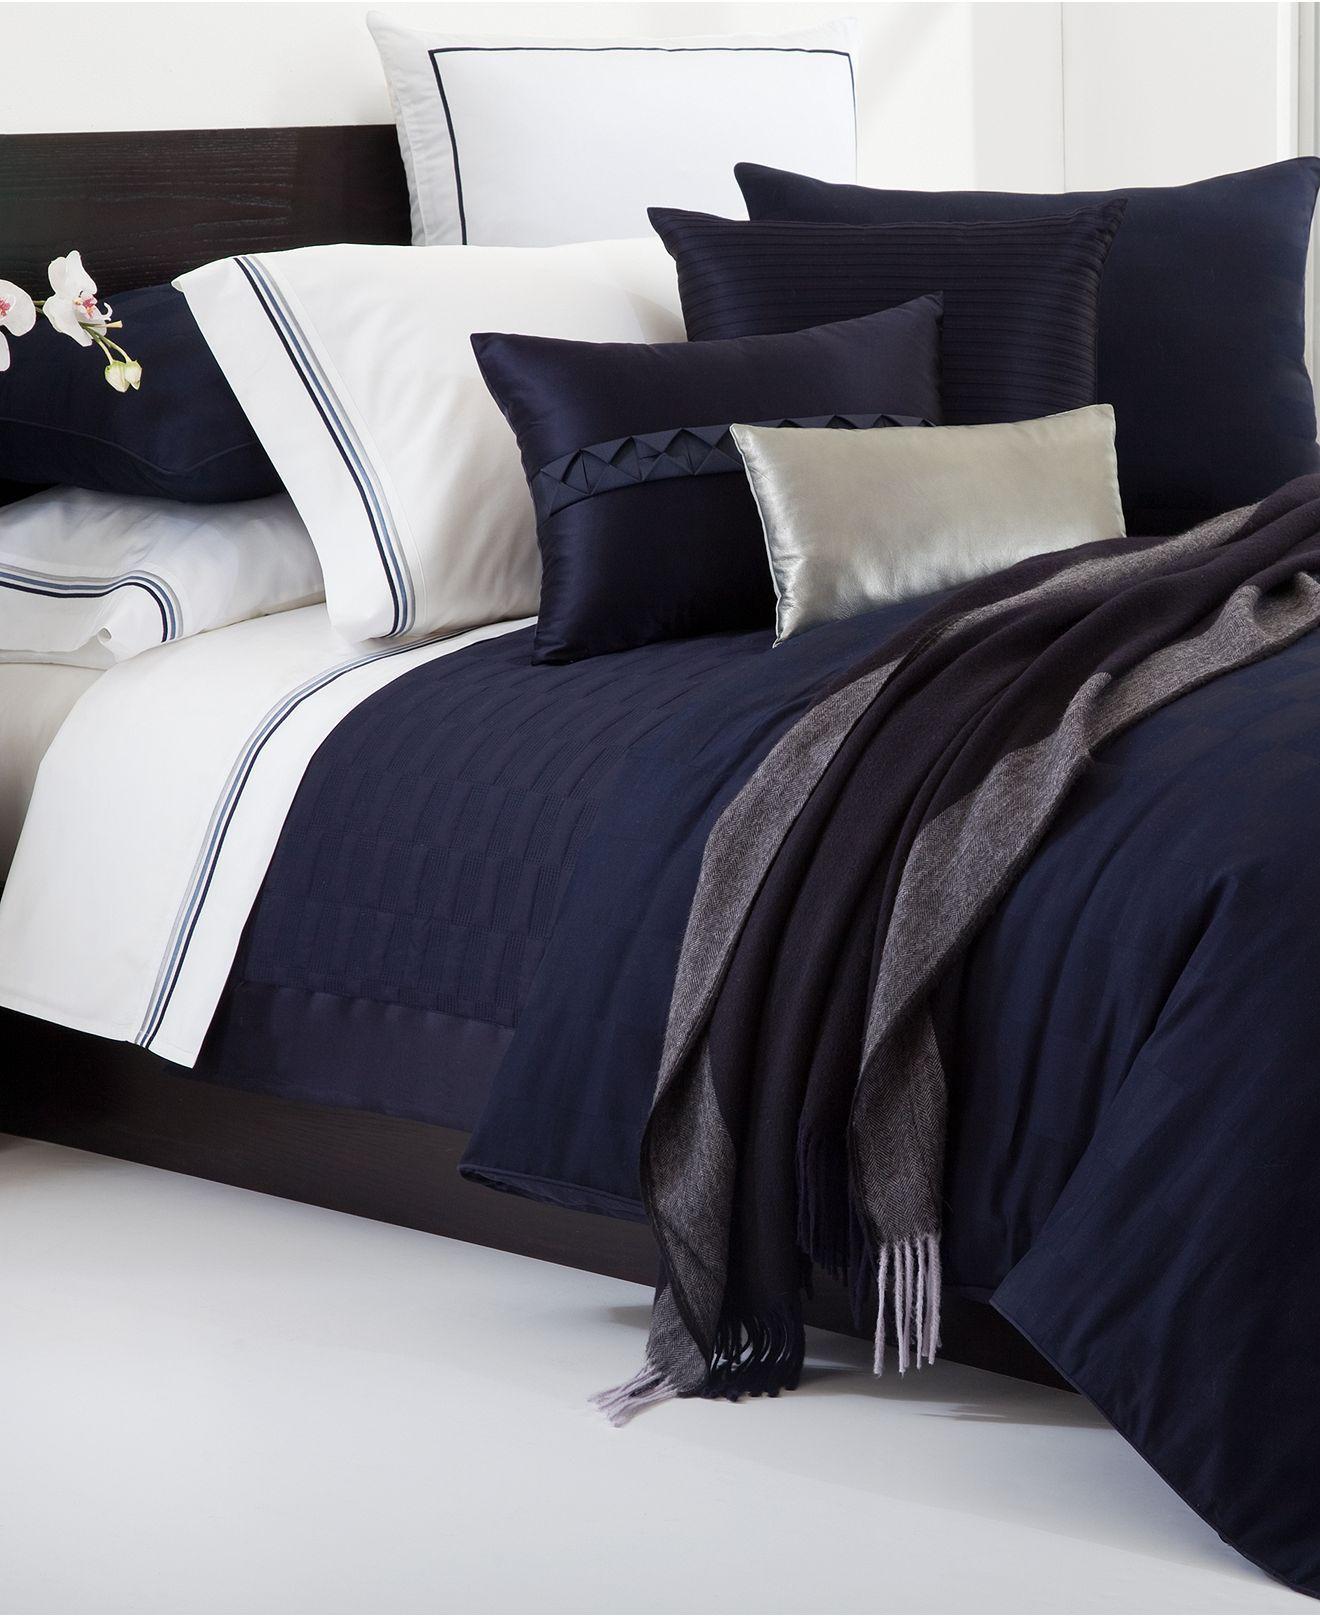 Hugo Boss Bedding Windsor Navy